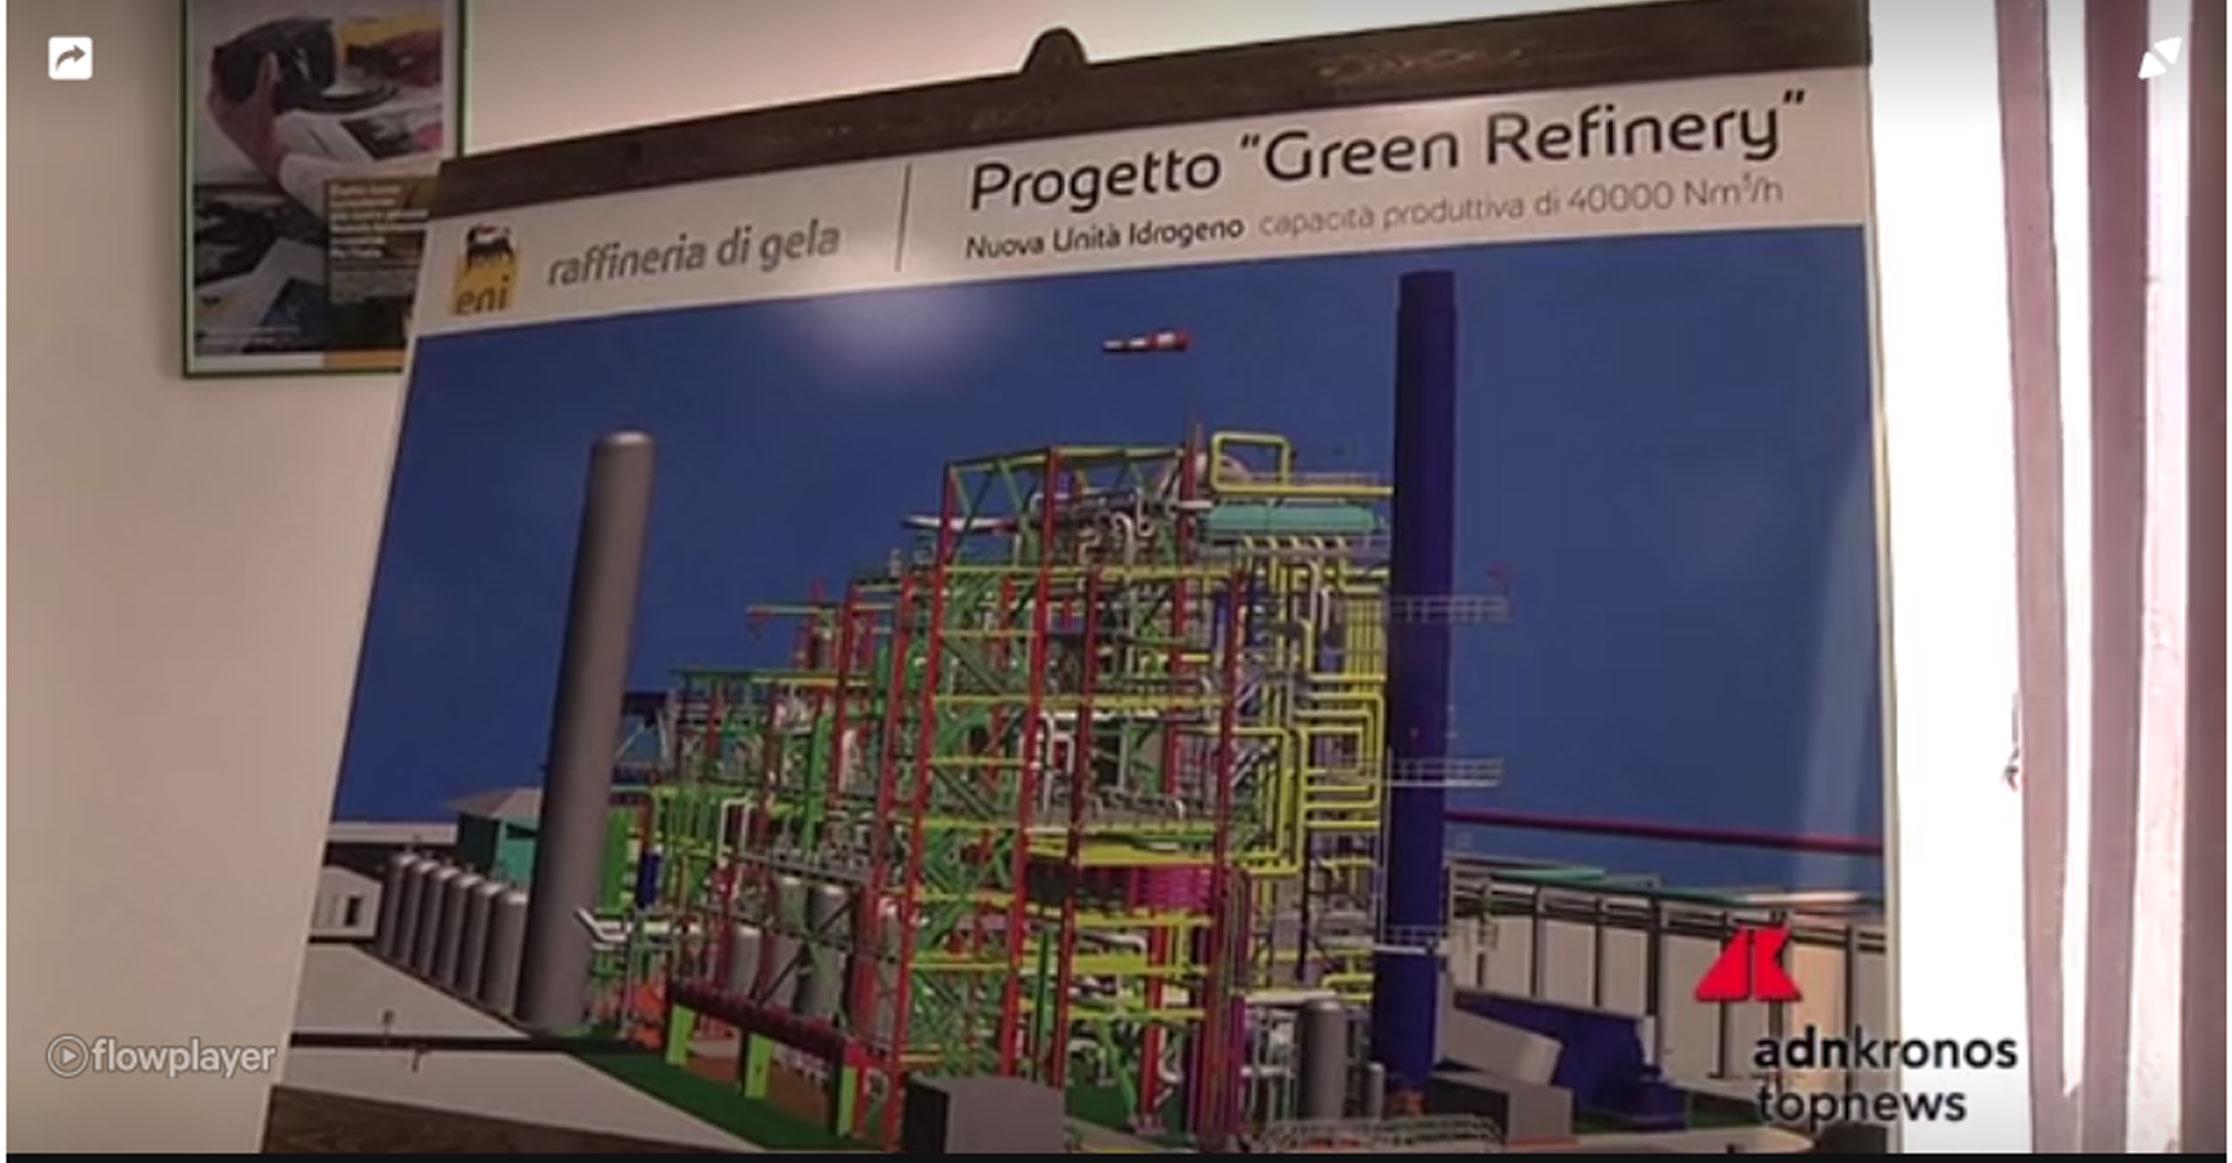 """Video estratto dal sito Adnkronos.it , visita alla Raffineria di Gela. """"Eni: La Raffineria di Gela diventa """"Green""""."""